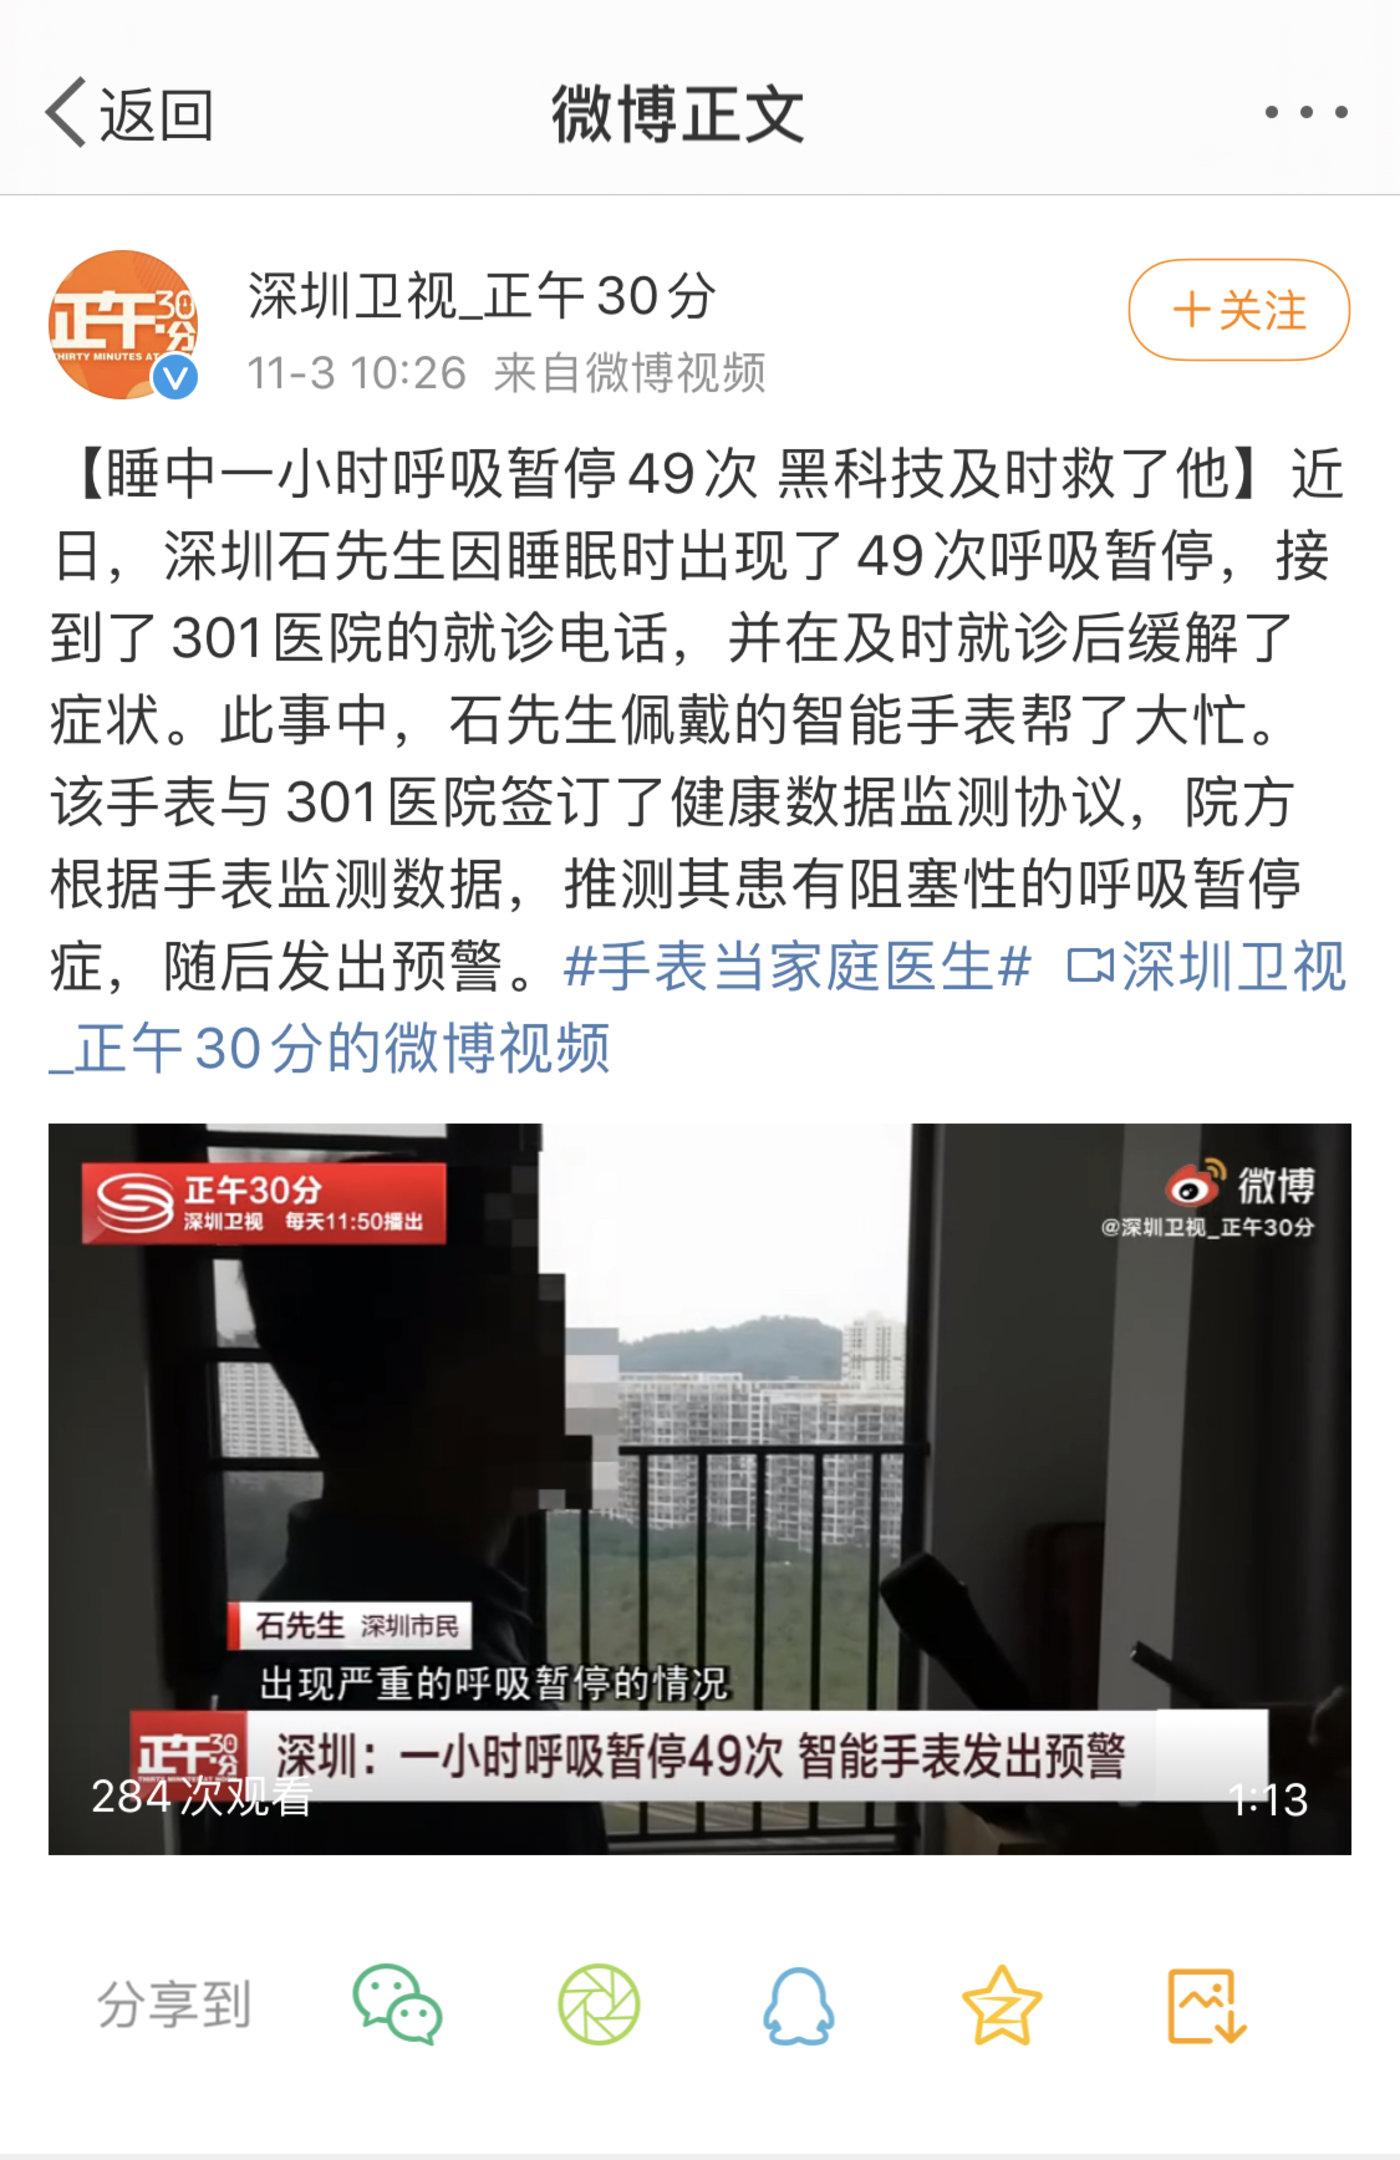 """""""睡中一小时呼吸暂停49次,黑科技及时救了他的命""""——深圳卫视关于市民石先生的报道"""